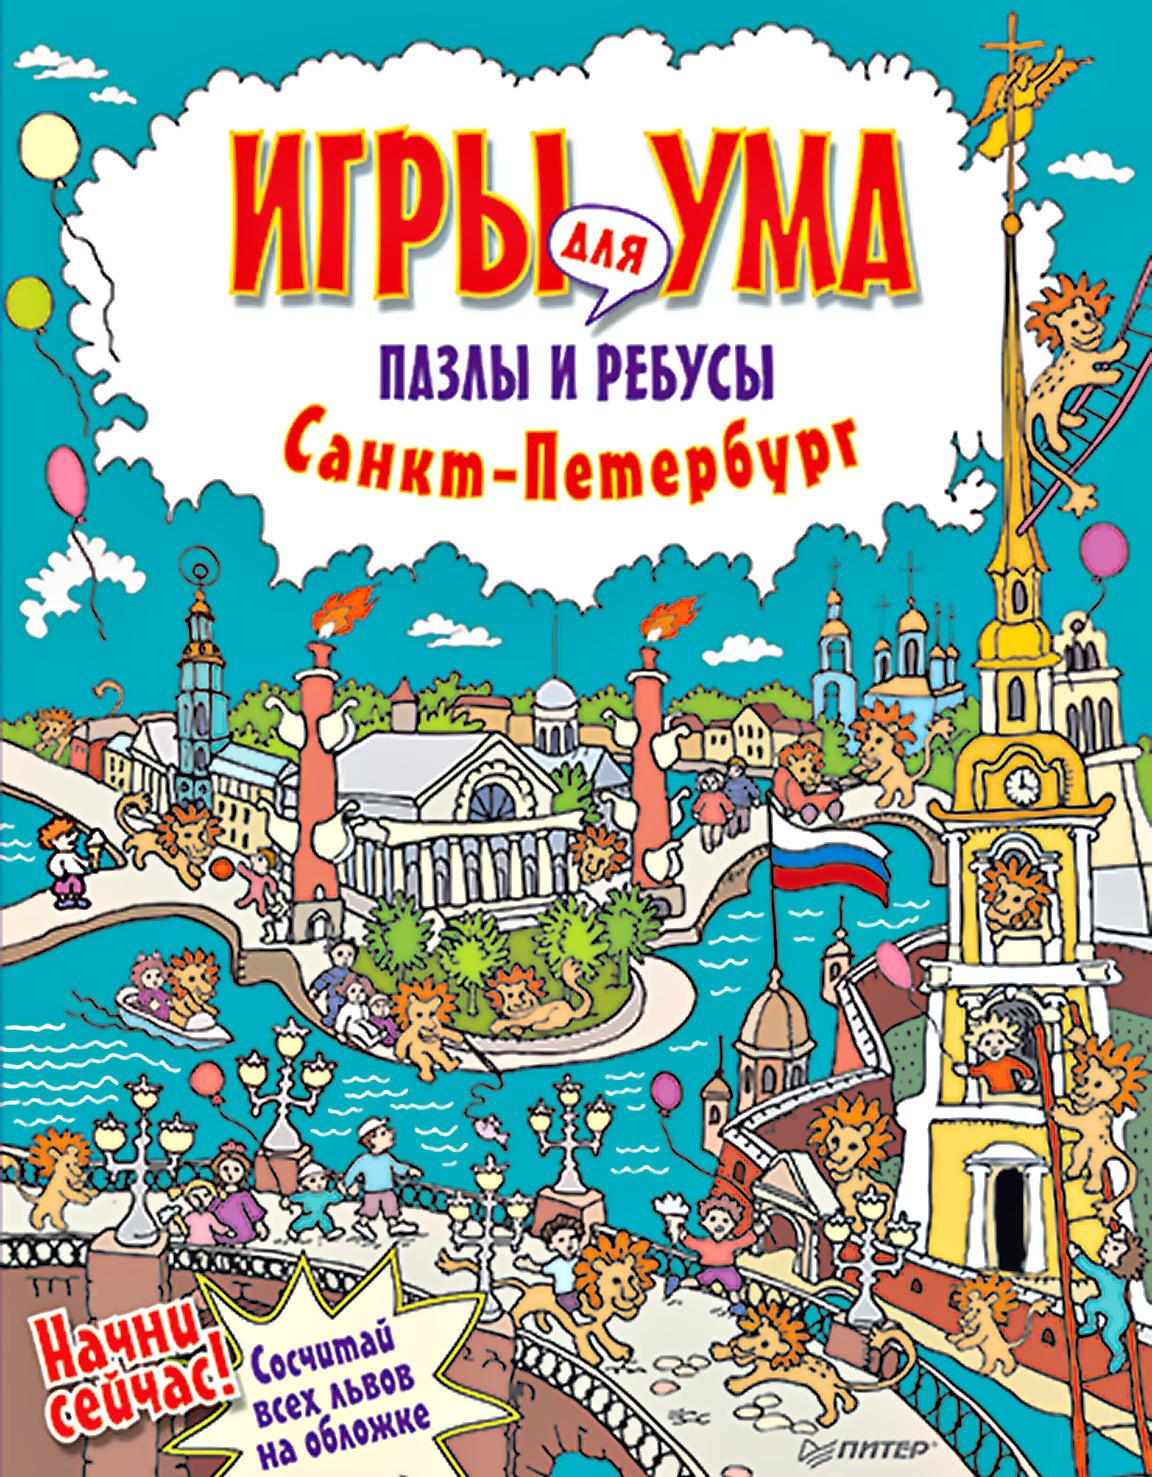 Отсутствует Санкт-Петербург. Игры для ума. Пазлы и ребусы власова е ред зарядка для мозгов игры и пазлы для умных ребят игры для ума